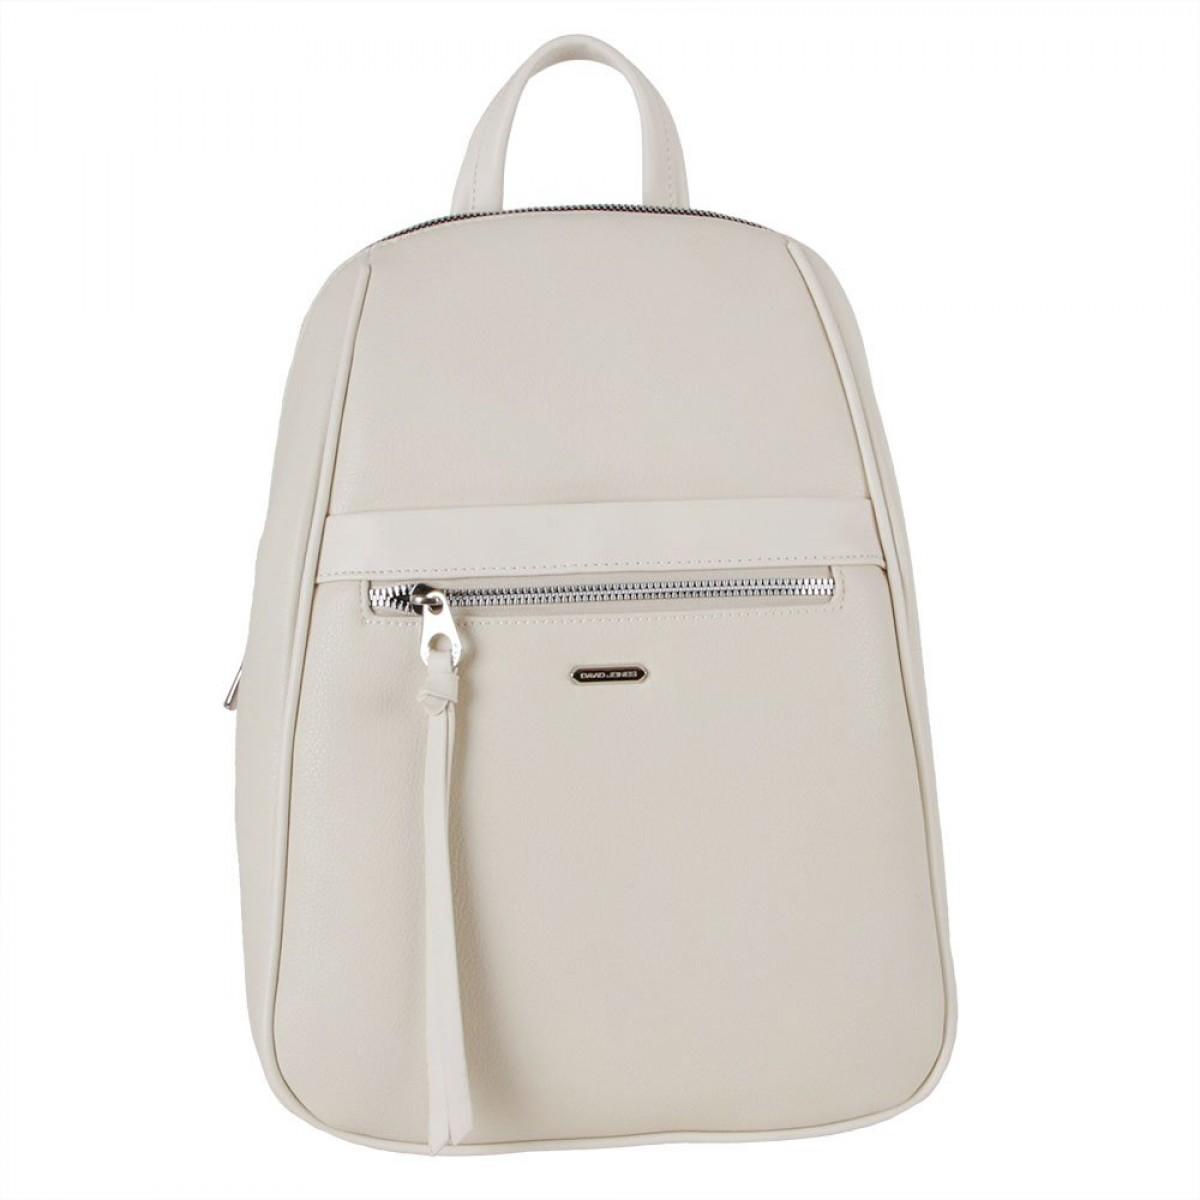 Жіночий рюкзак David Jones CM6025 CREAMY WHITE